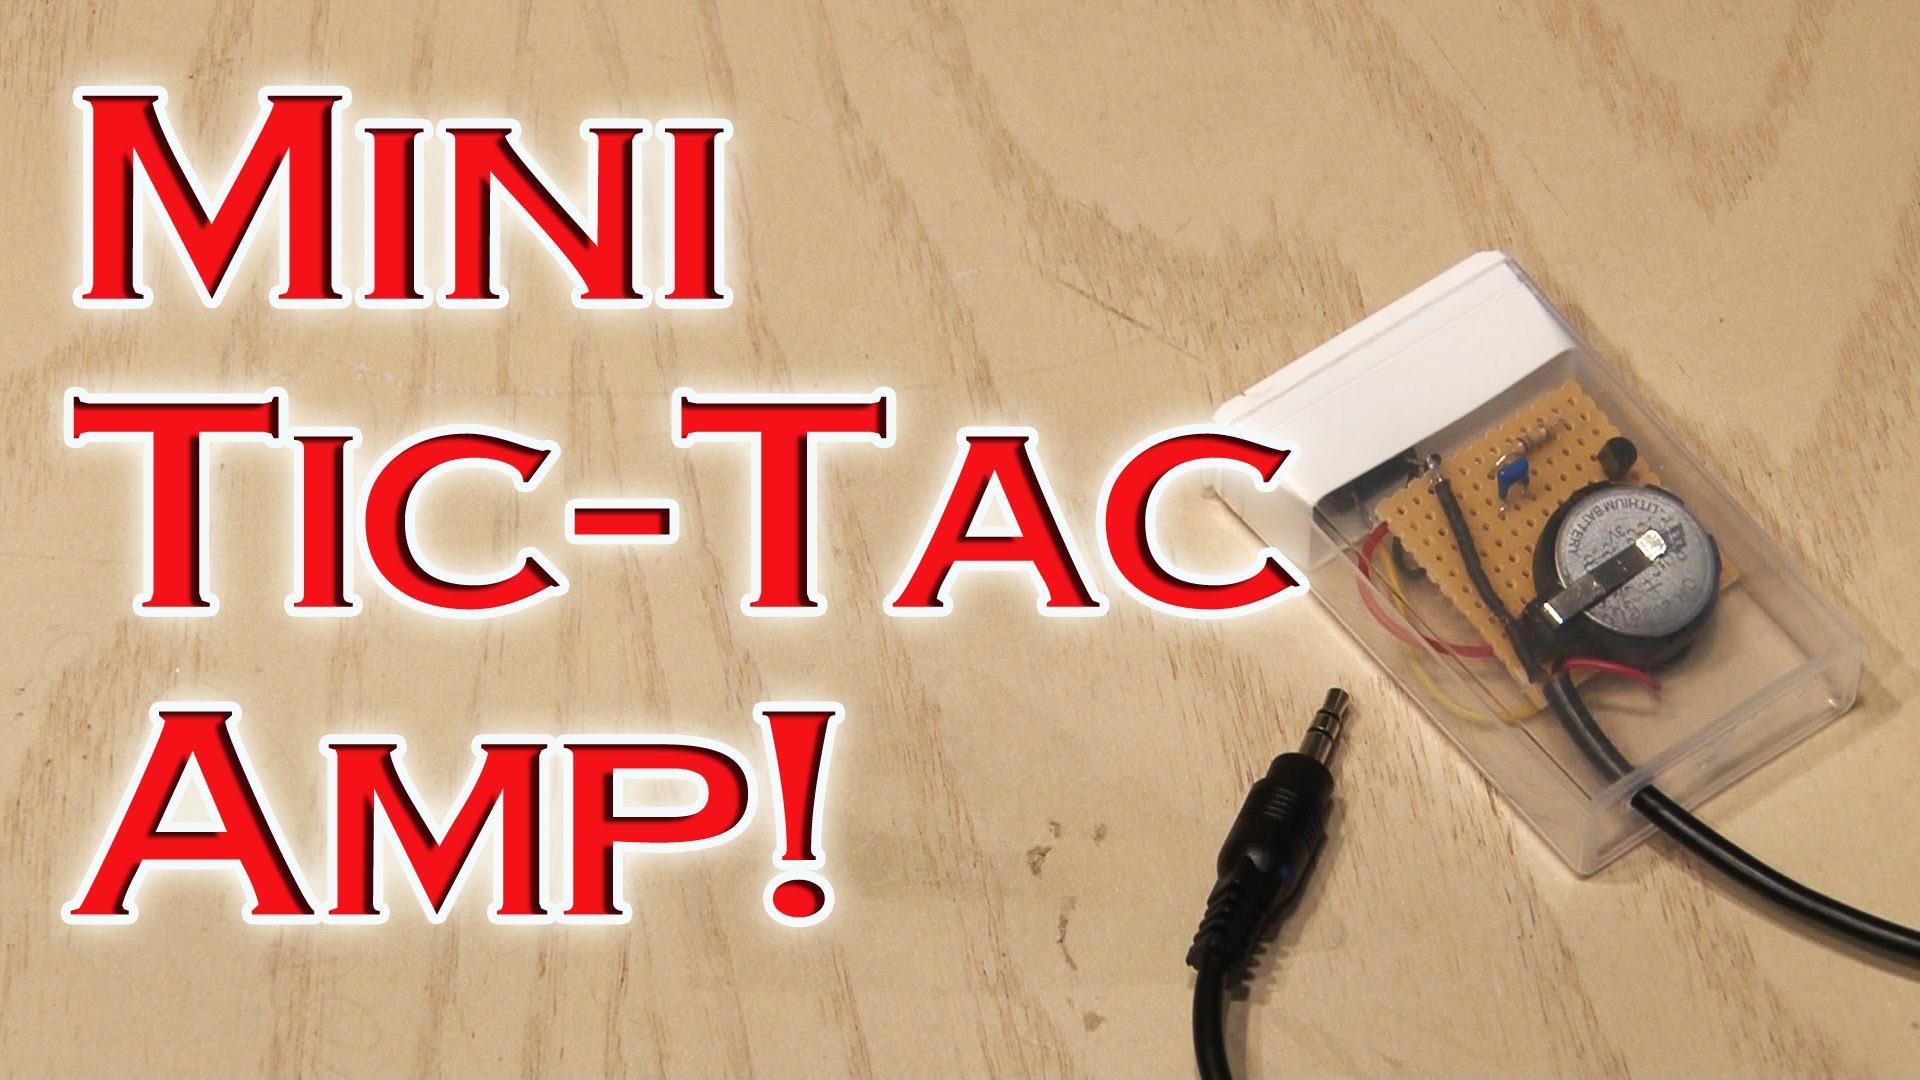 Mini Tic-Tac Amp!